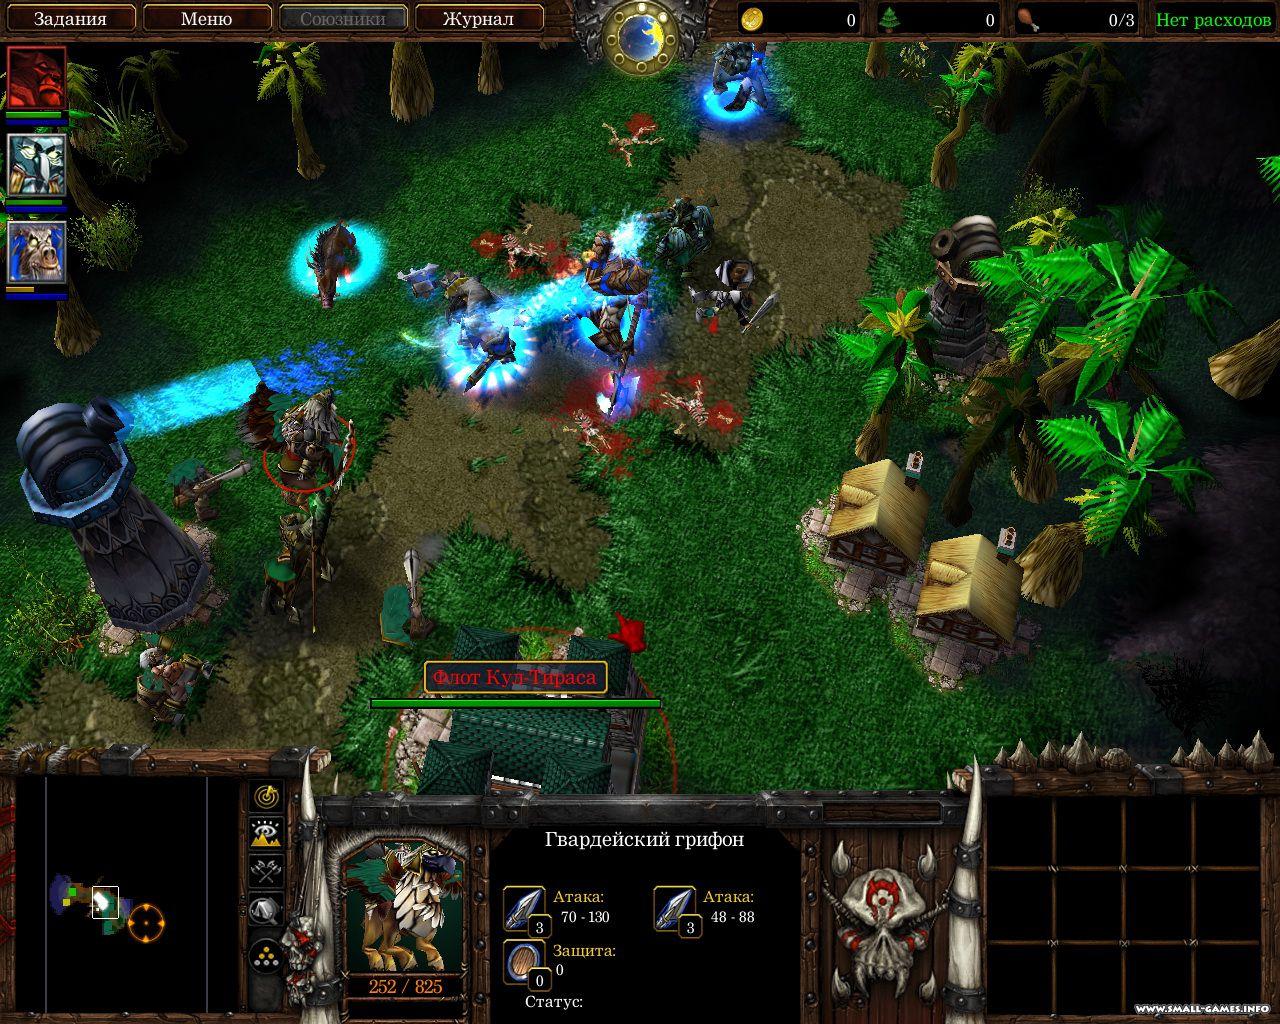 Карты Для Warcraft 3 На Растройку